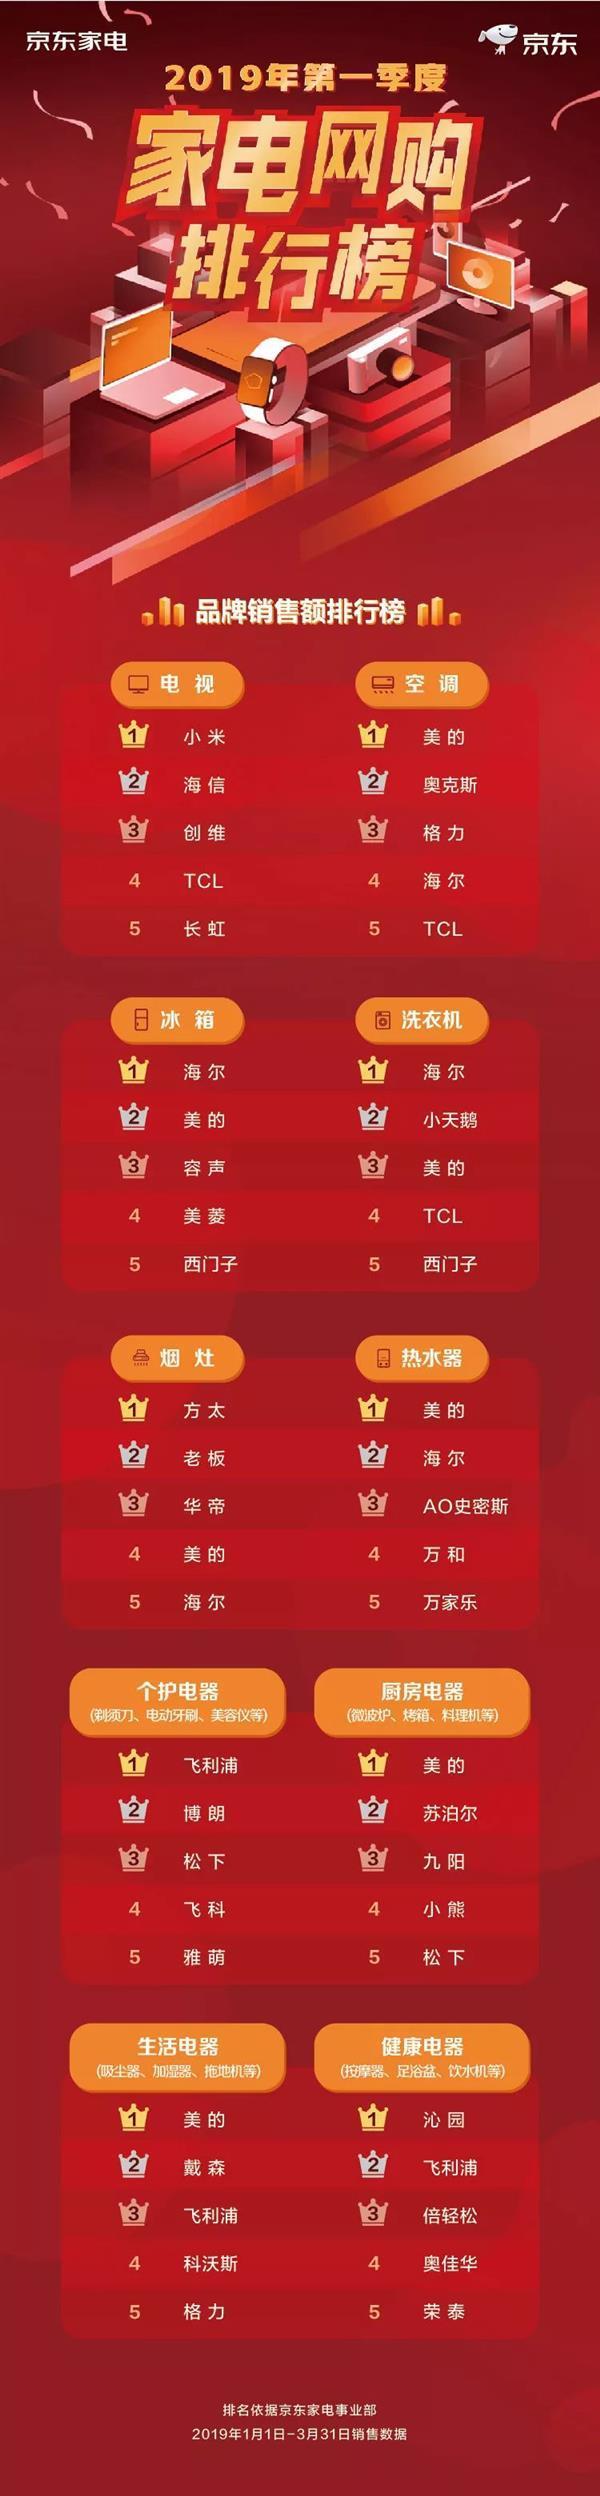 京东Q1家电网购排行榜:小米拿下电视第一 戴森意外